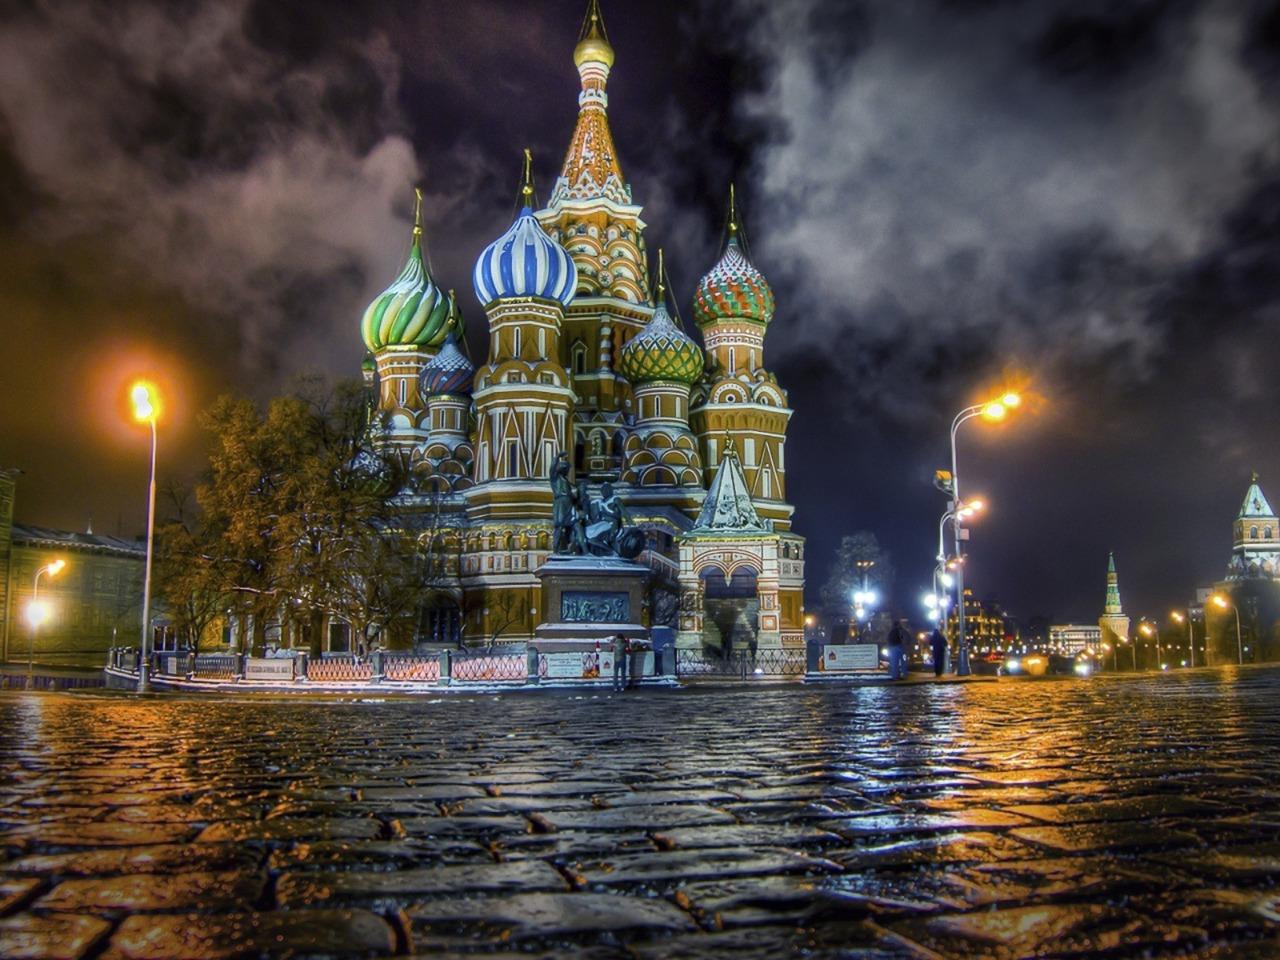 Мистическая Москва: автотур - индивидуальная экскурсия по Москве от опытного гида